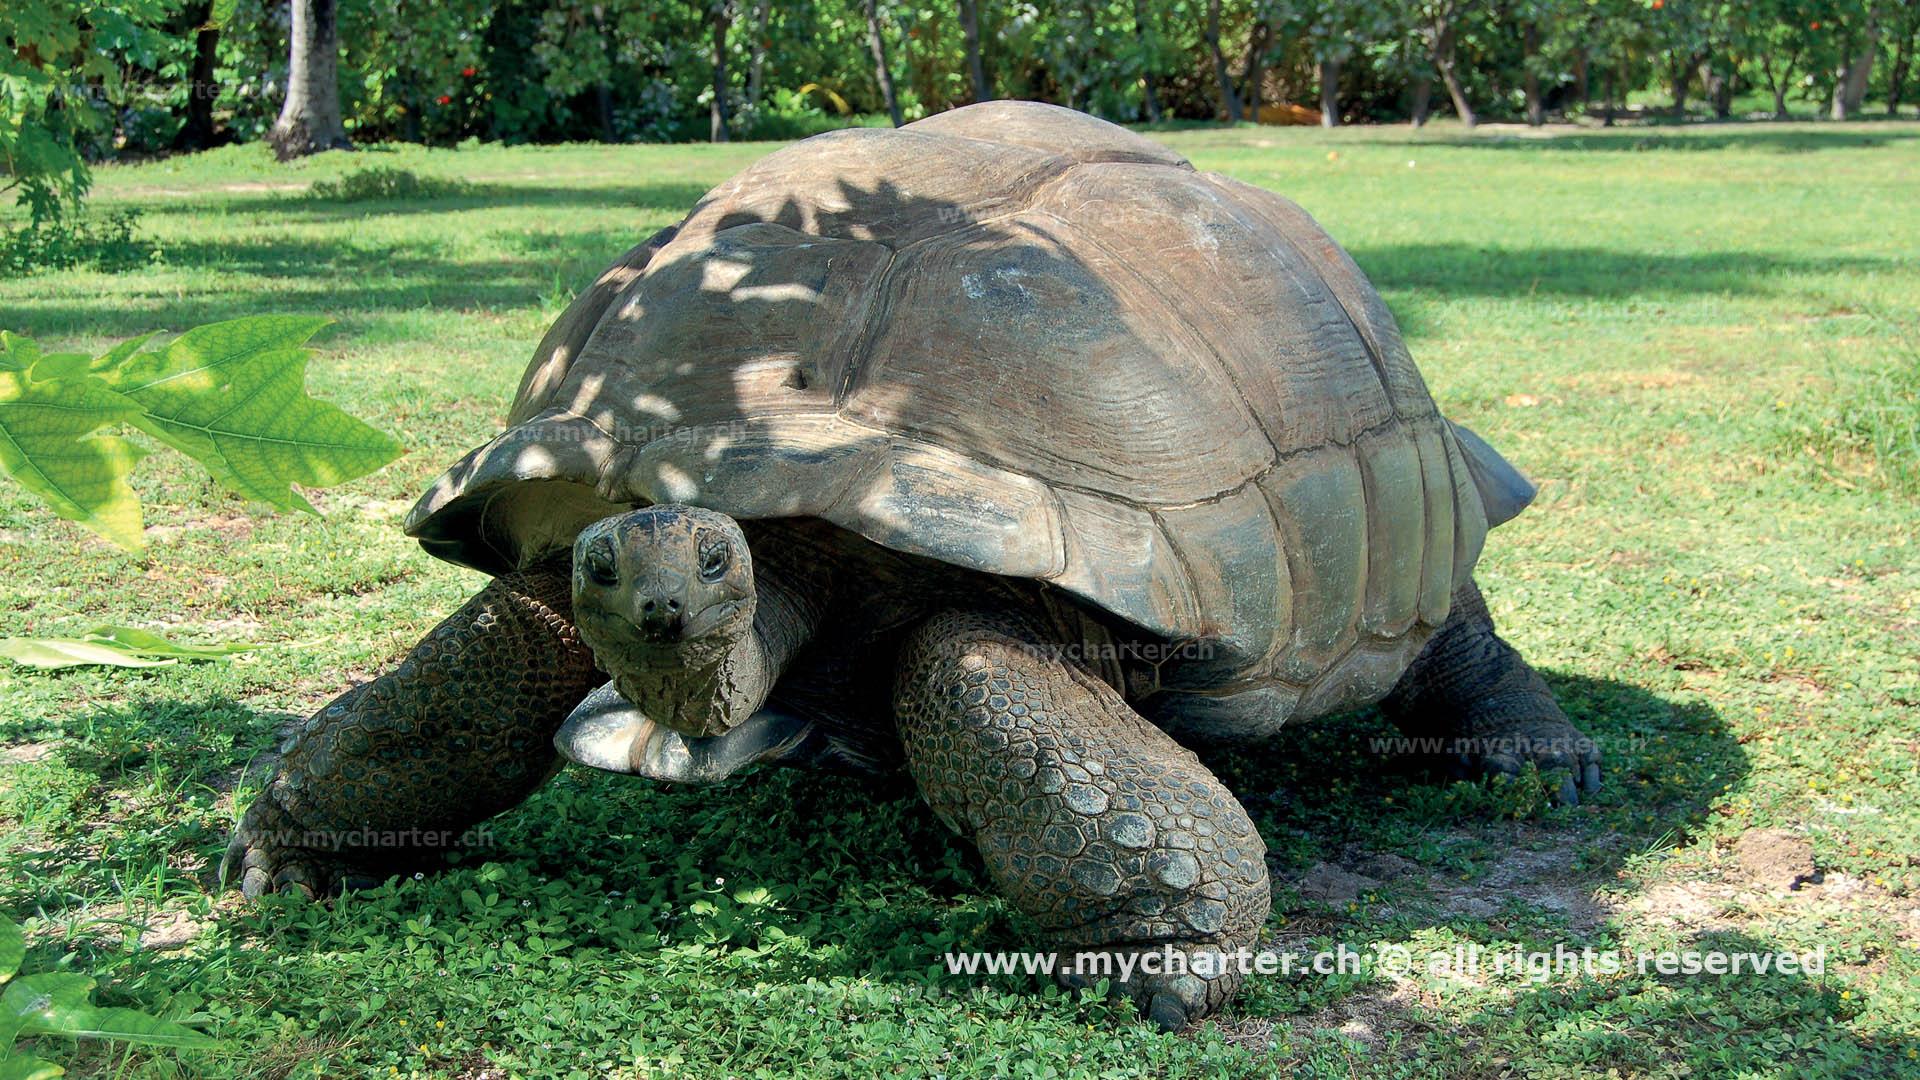 Seychellen - Giant Turtle